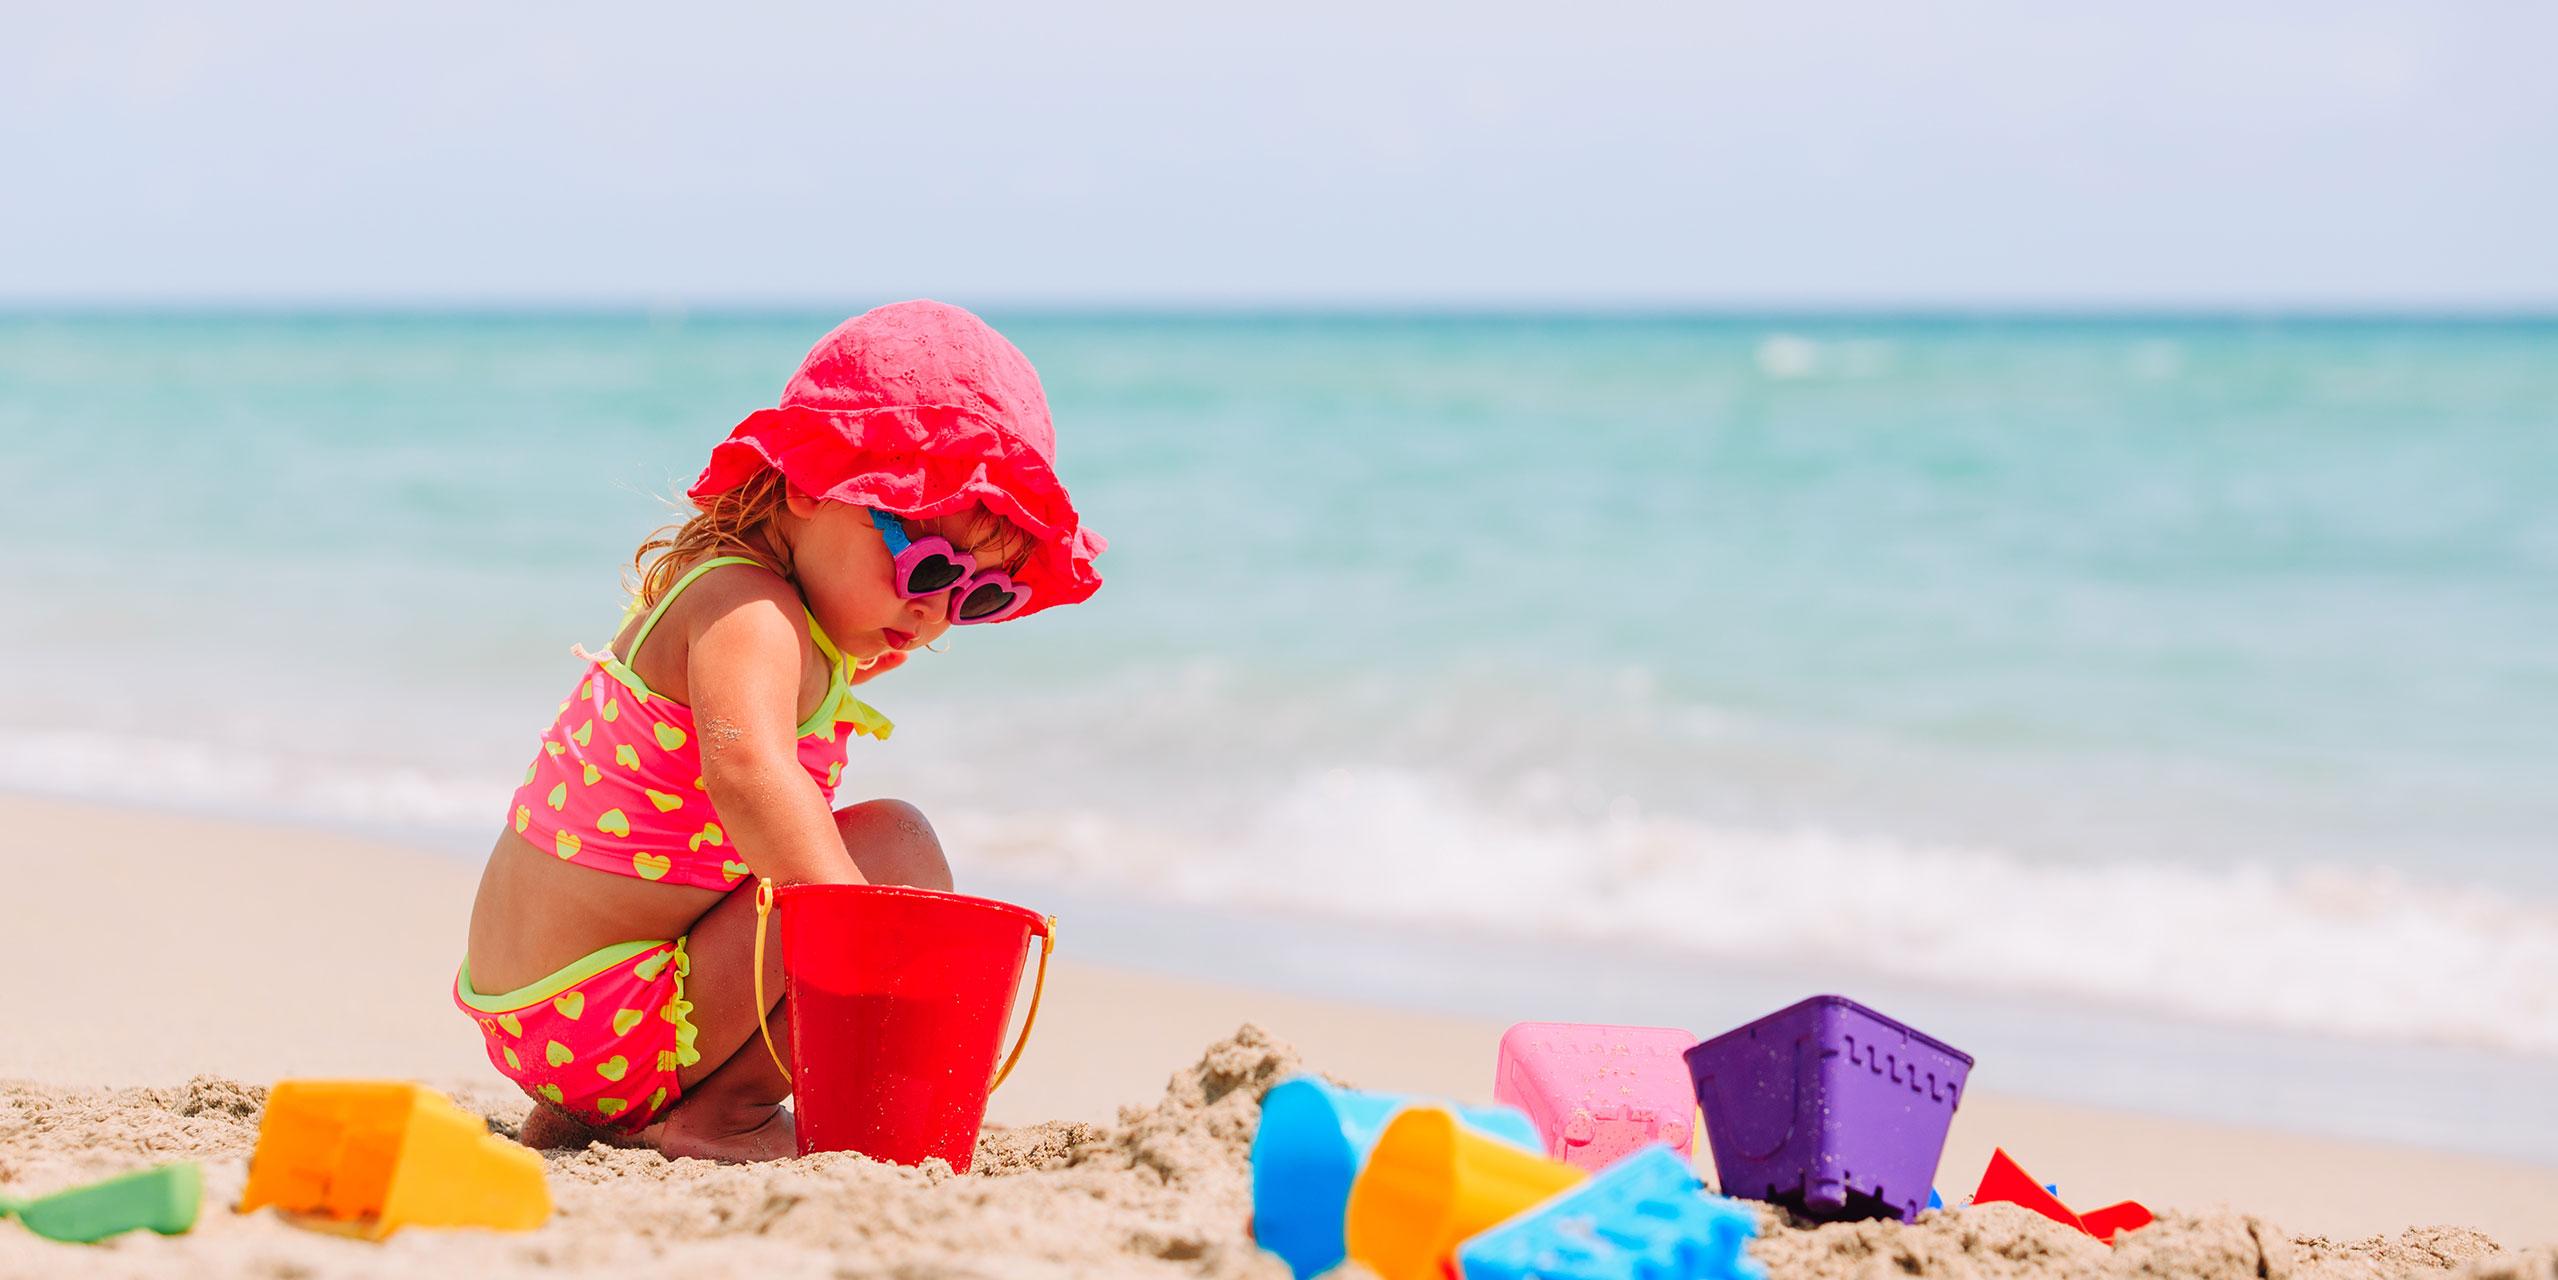 Little Girl Playing on Beach; Courtesy of NadyaEugene/Shutterstock.com